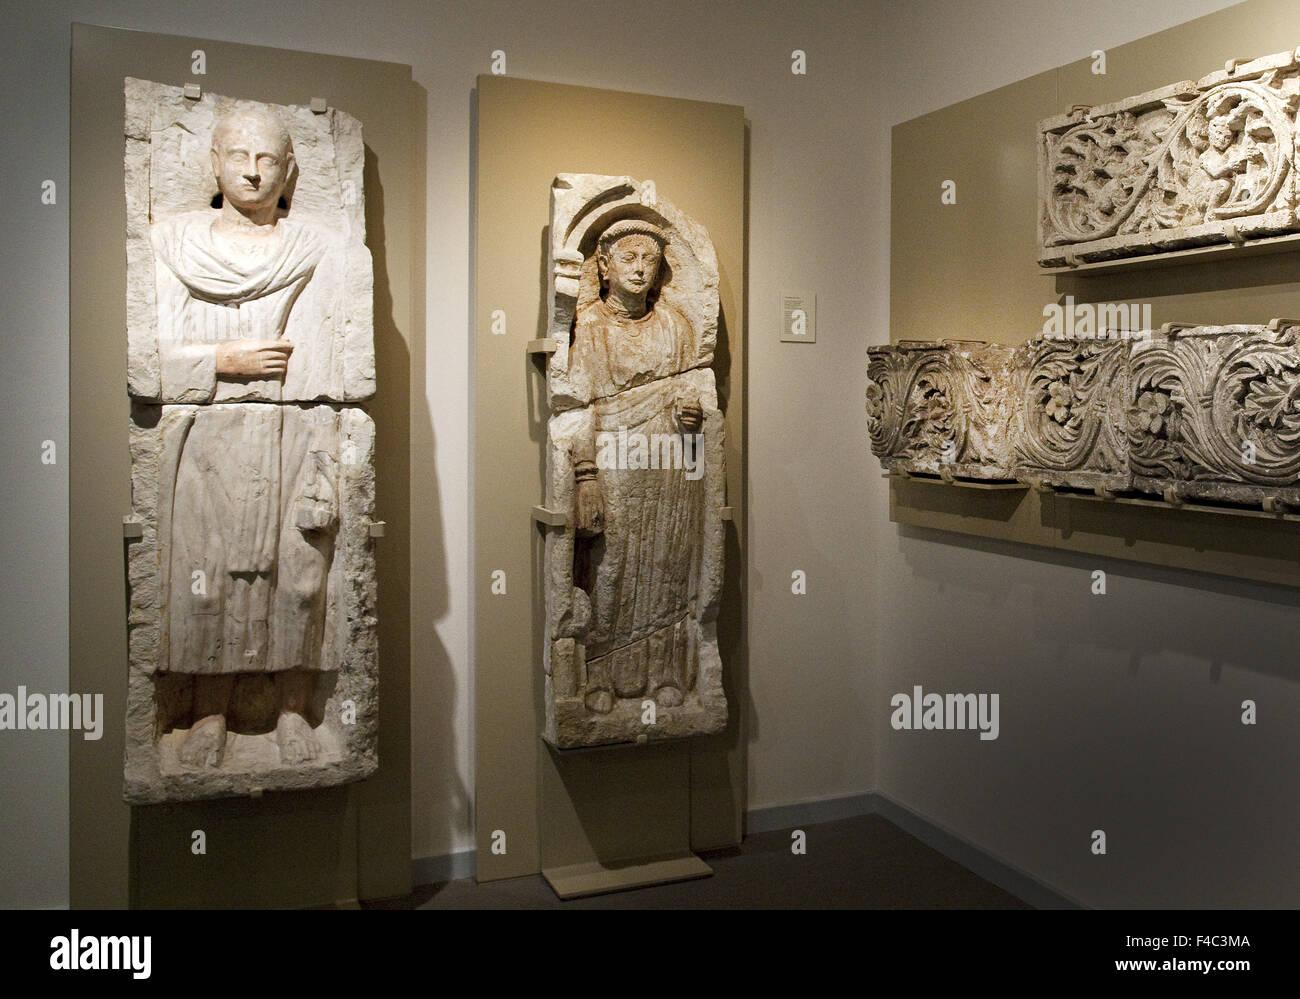 Museo de iconos, Recklinghausen, Alemania Imagen De Stock